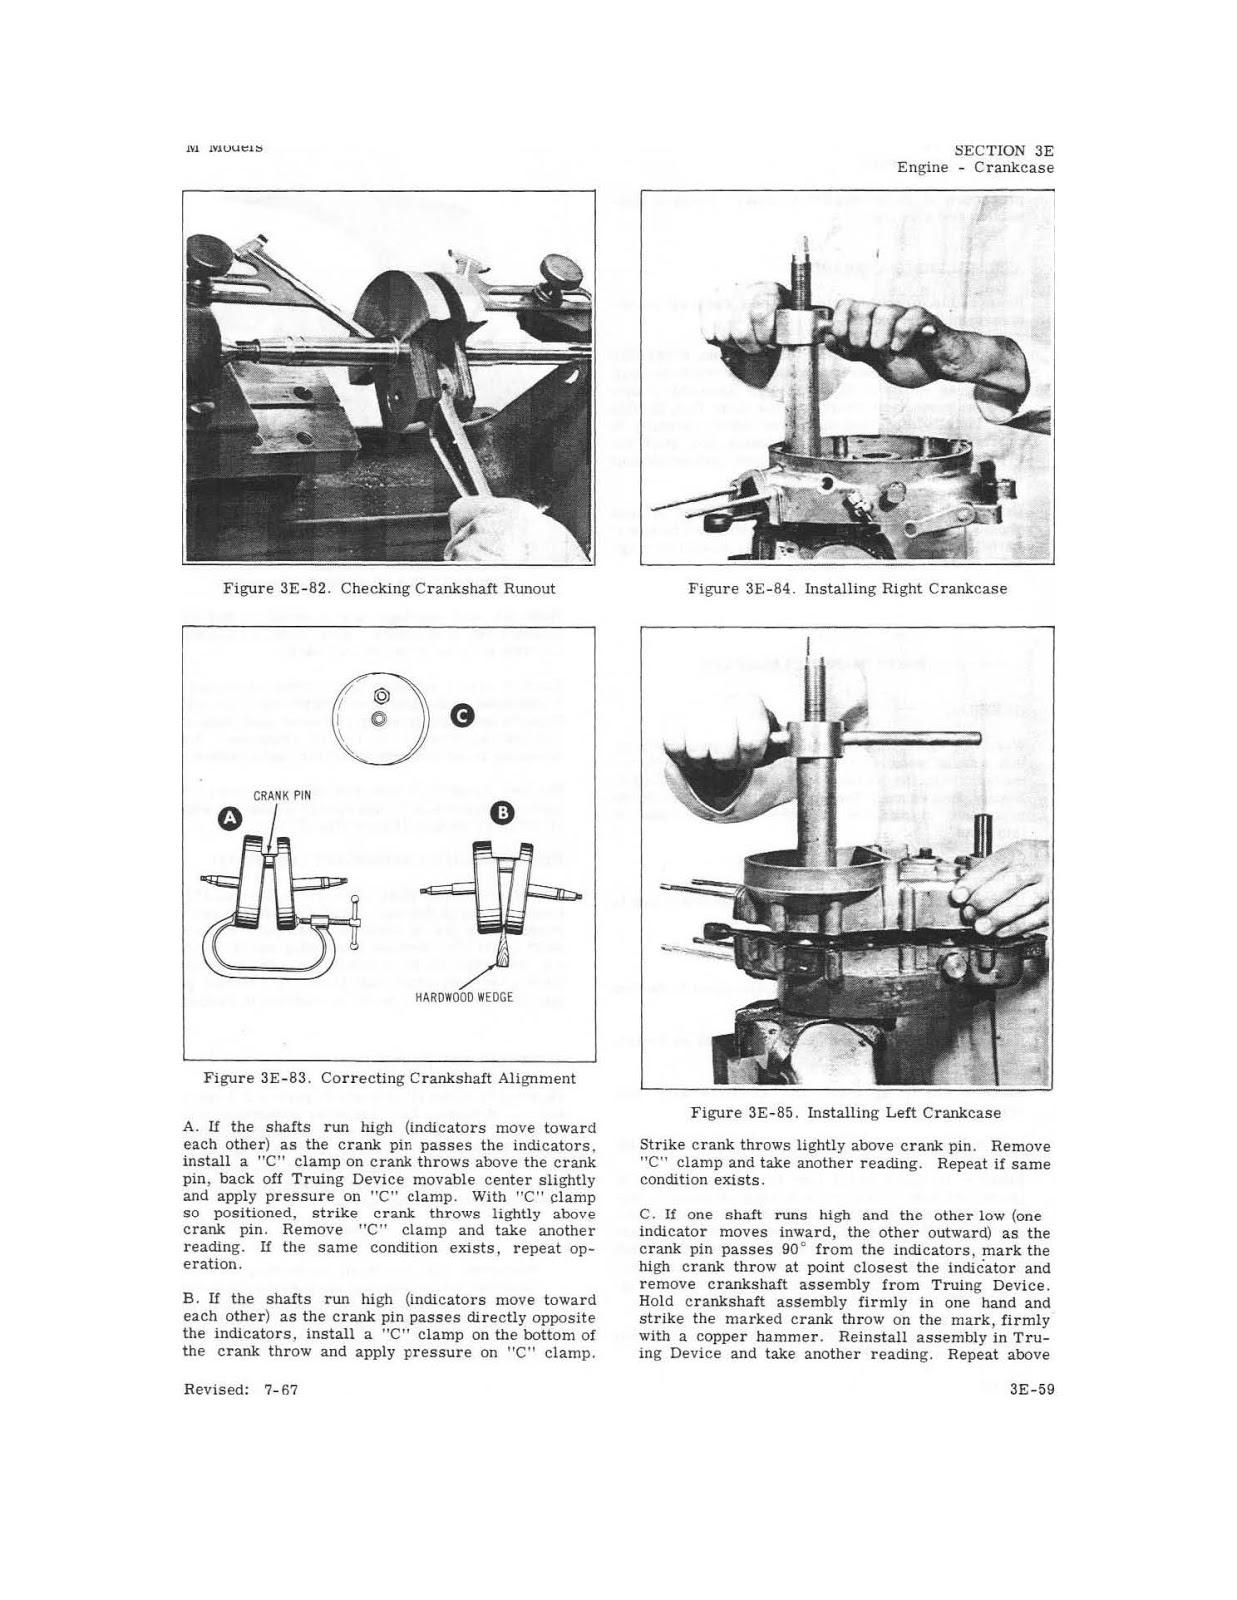 OB1 Repairs: Harley Davidson Service Manual 1965-72 M Models